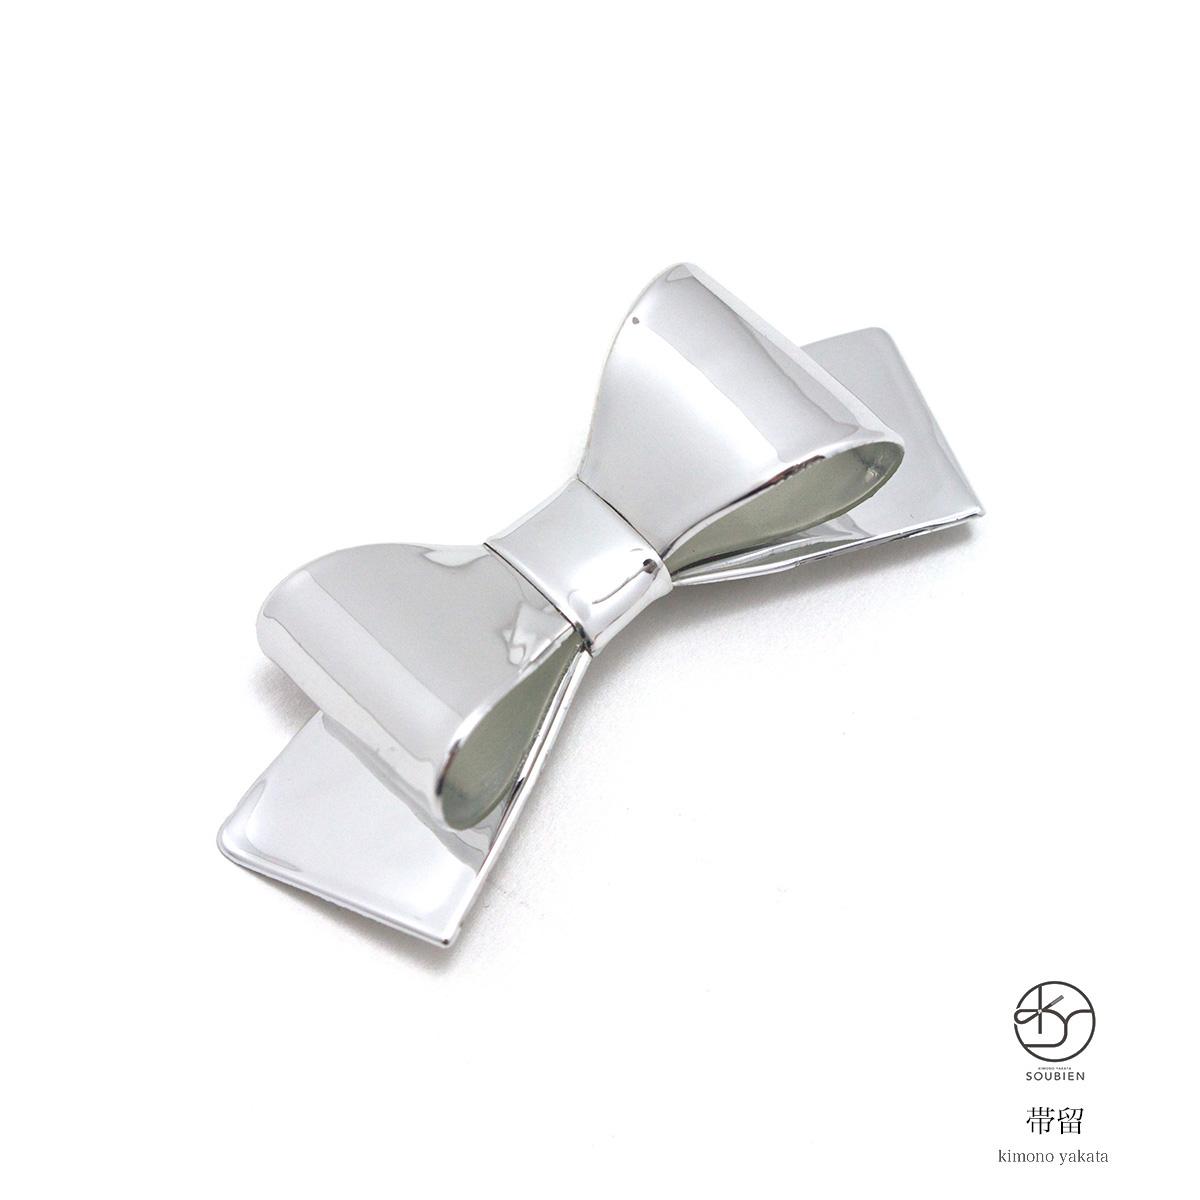 「fussa(ふさ)」のリボン型の帯締め